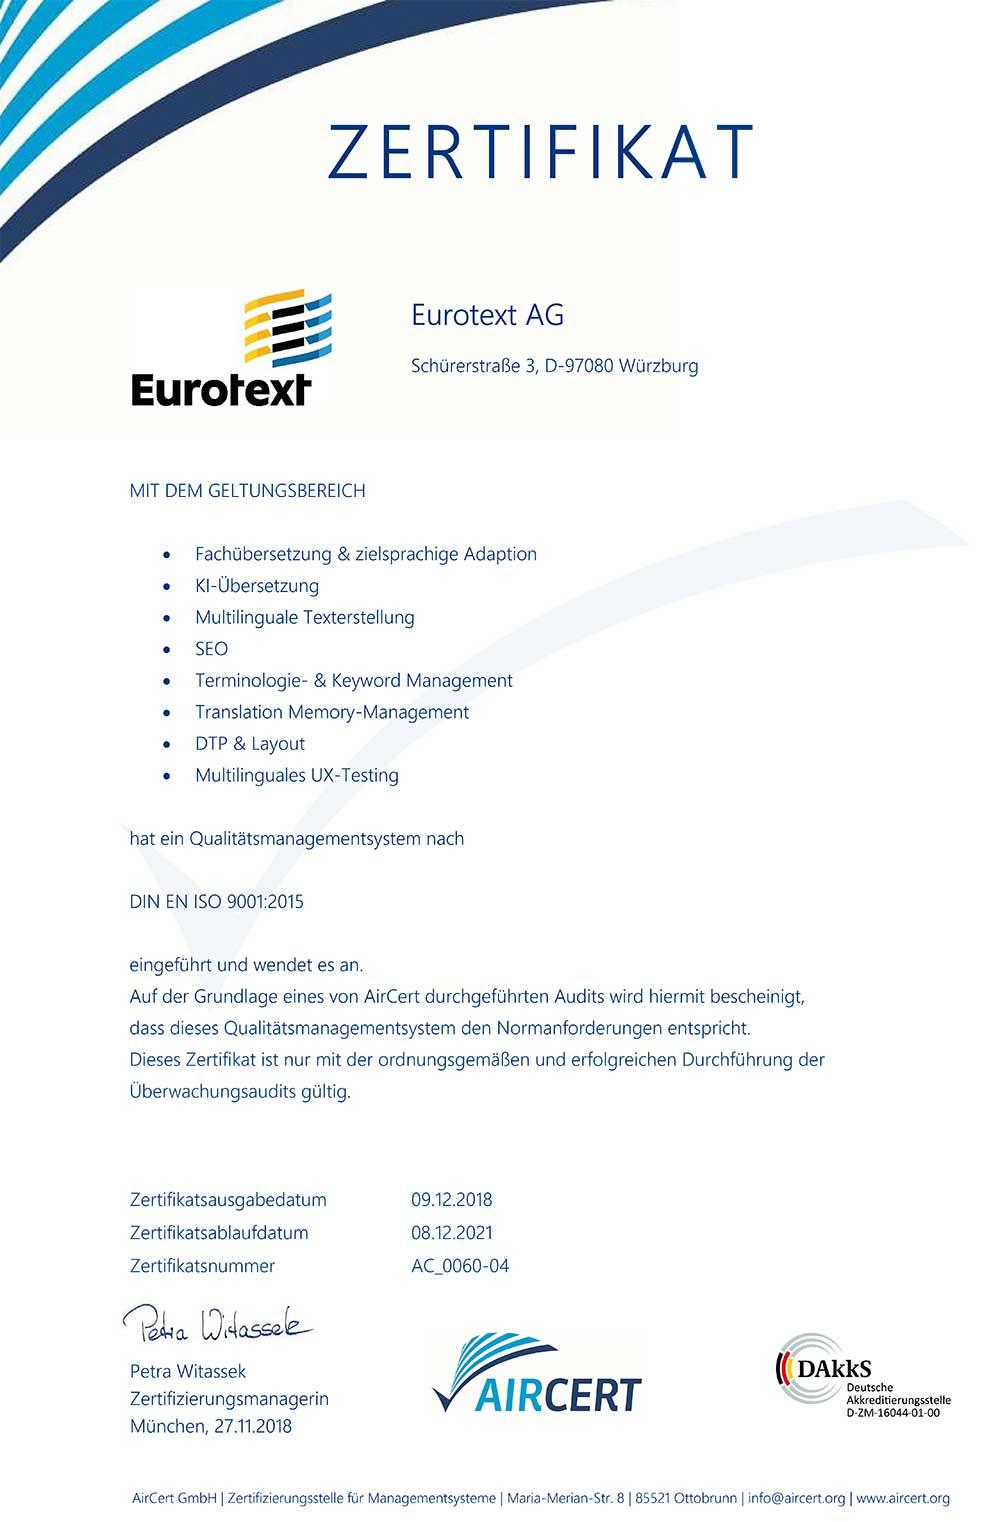 Eurotext AG Zertifikat 9001_2015 für Fachübersetzung